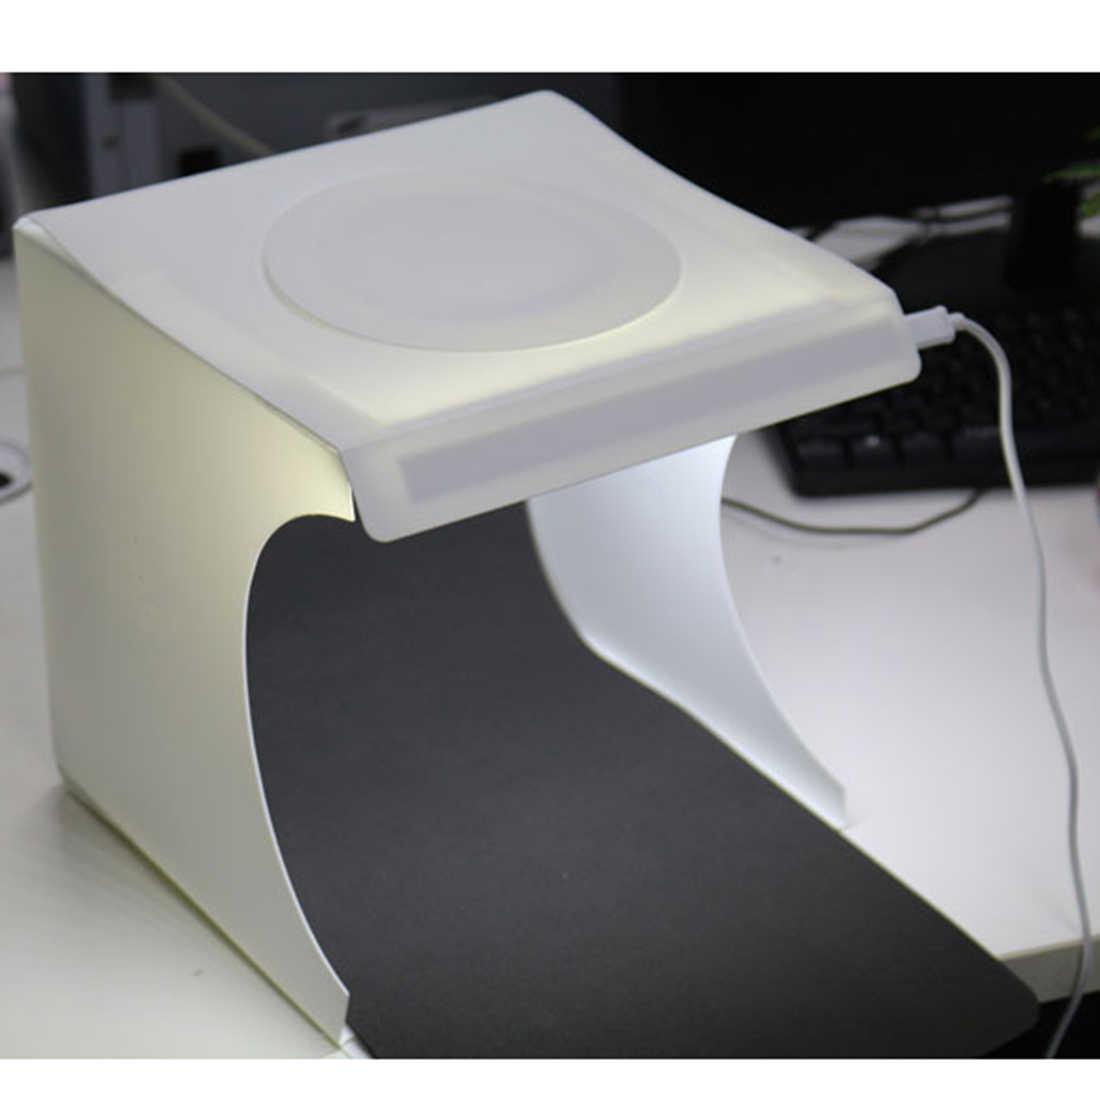 HOBBYINRC складной портативный мини фотостудия настольная съемка с двухрядный свет для фотографа-белый